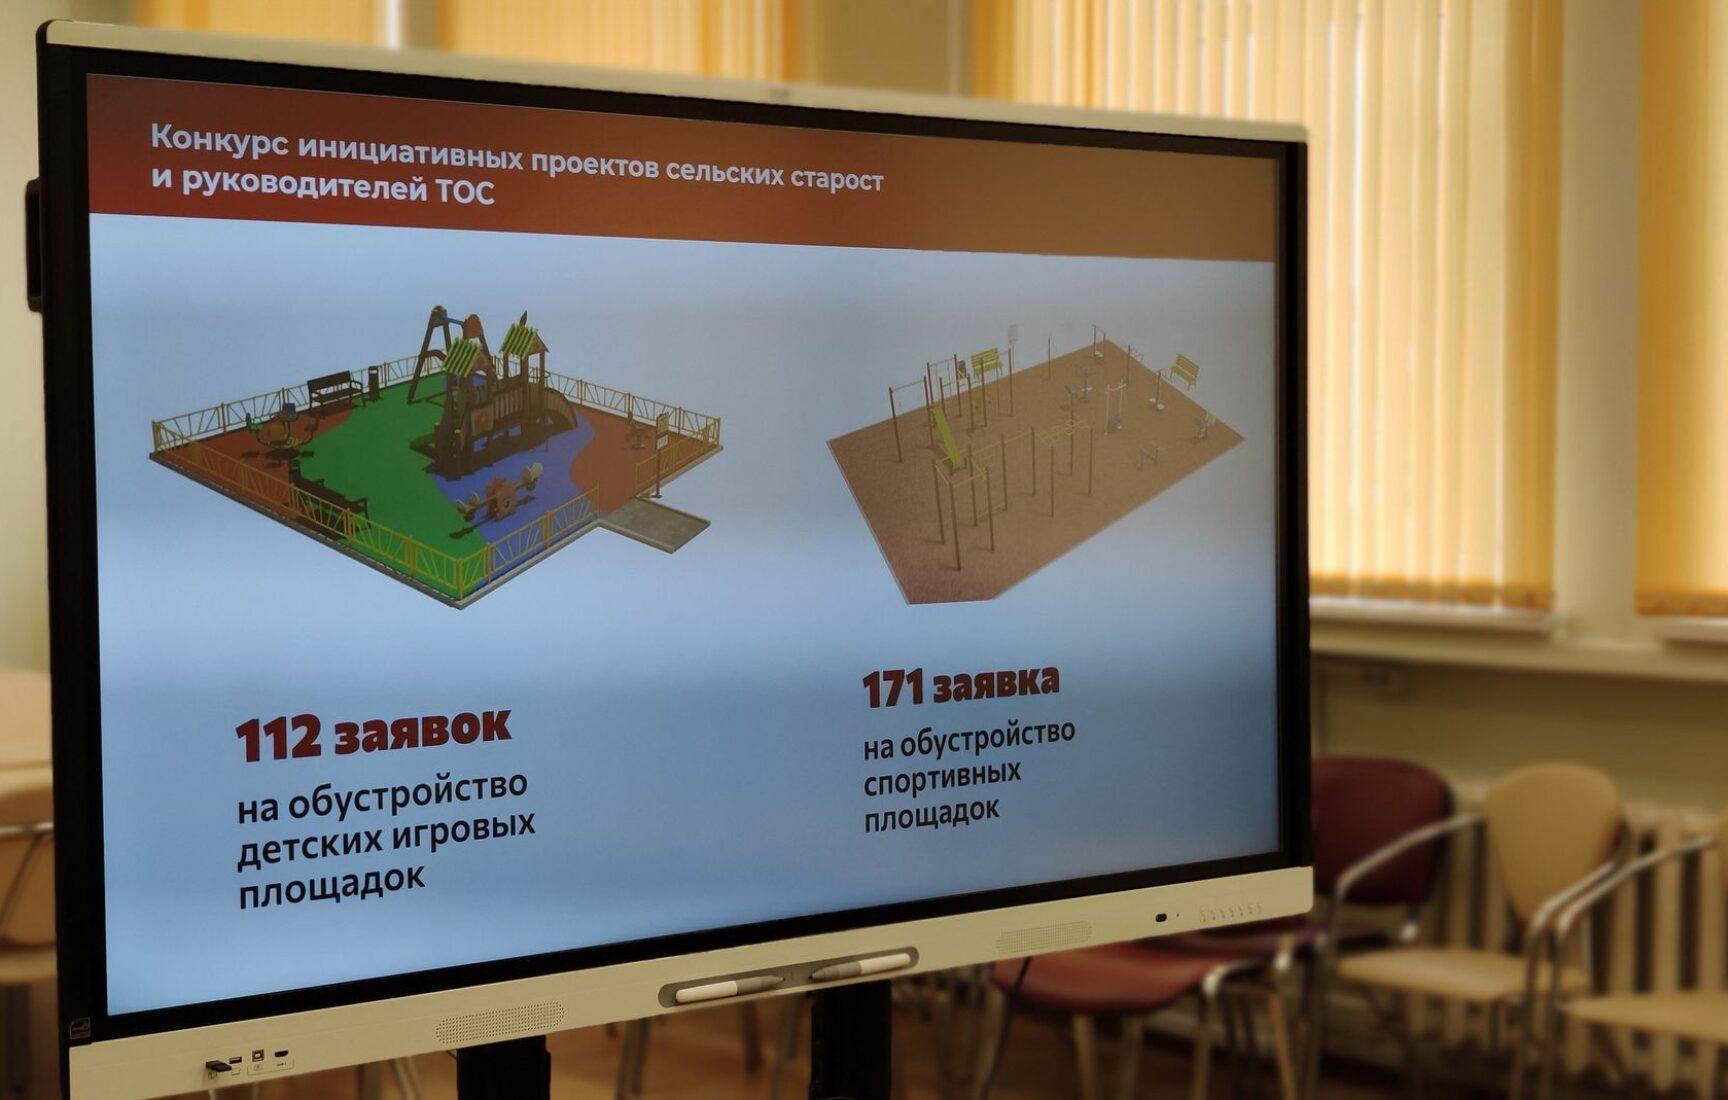 Определены победители и призеры конкурса инициативных проектов сельских старост и руководителей ТОС Тульской области